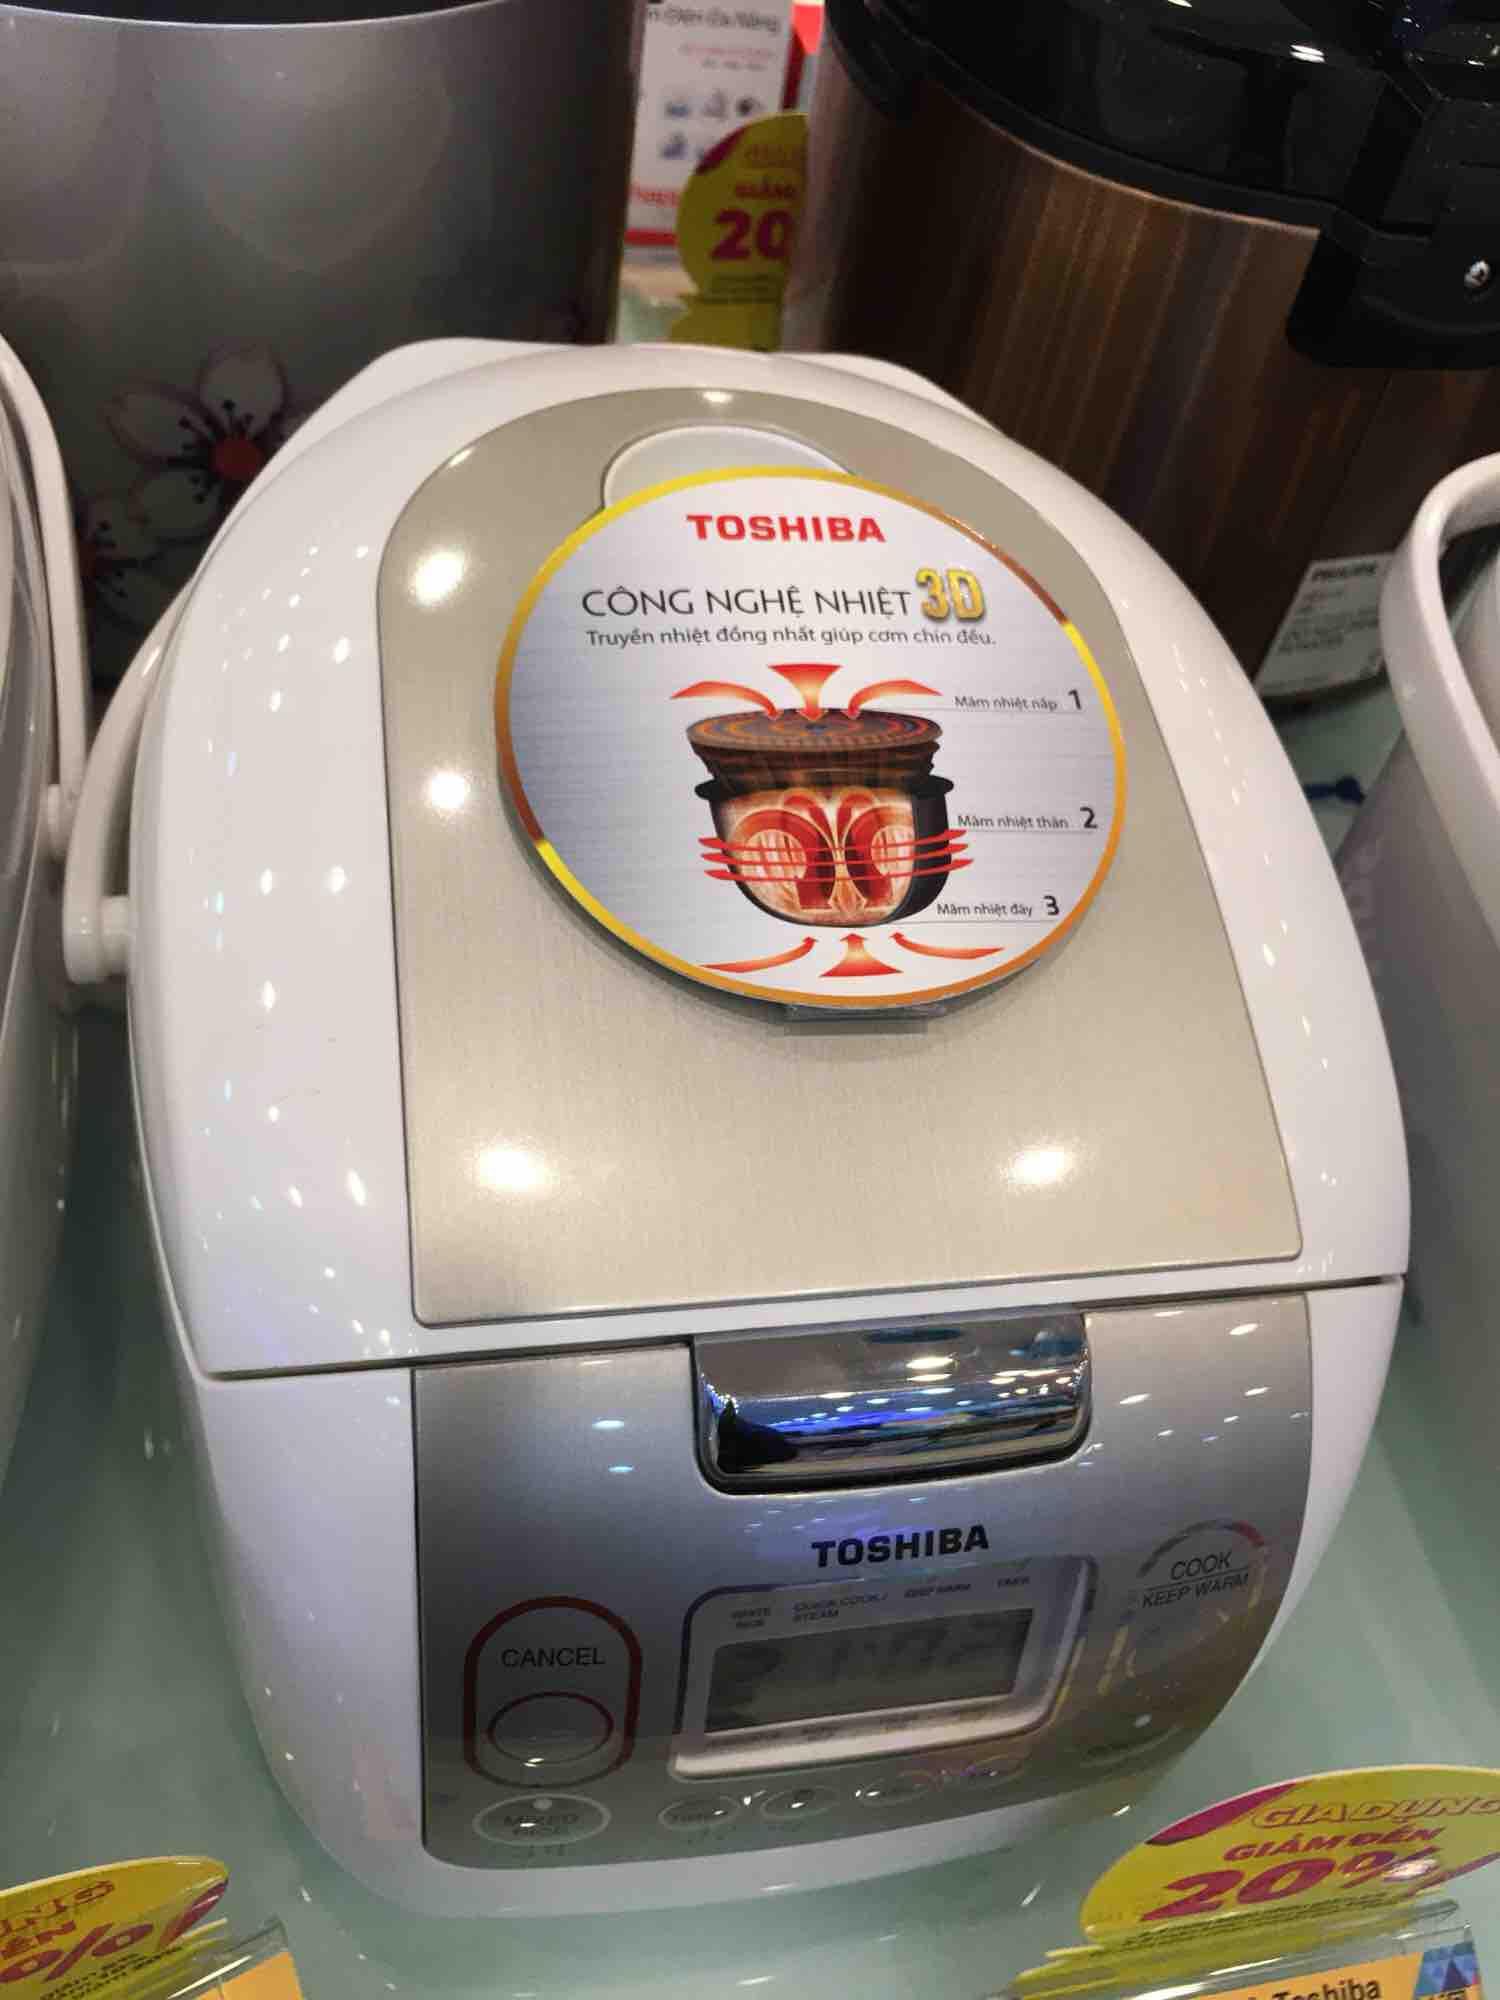 Nồi cơm điện tử Toshiba 1.8 lít RC-18NMFVN(WT), công suất 800W,Chất liệu lòng nồi:Hợp kim nhôm phủ chống dính dày 4mm, Bảo hành 12 tháng